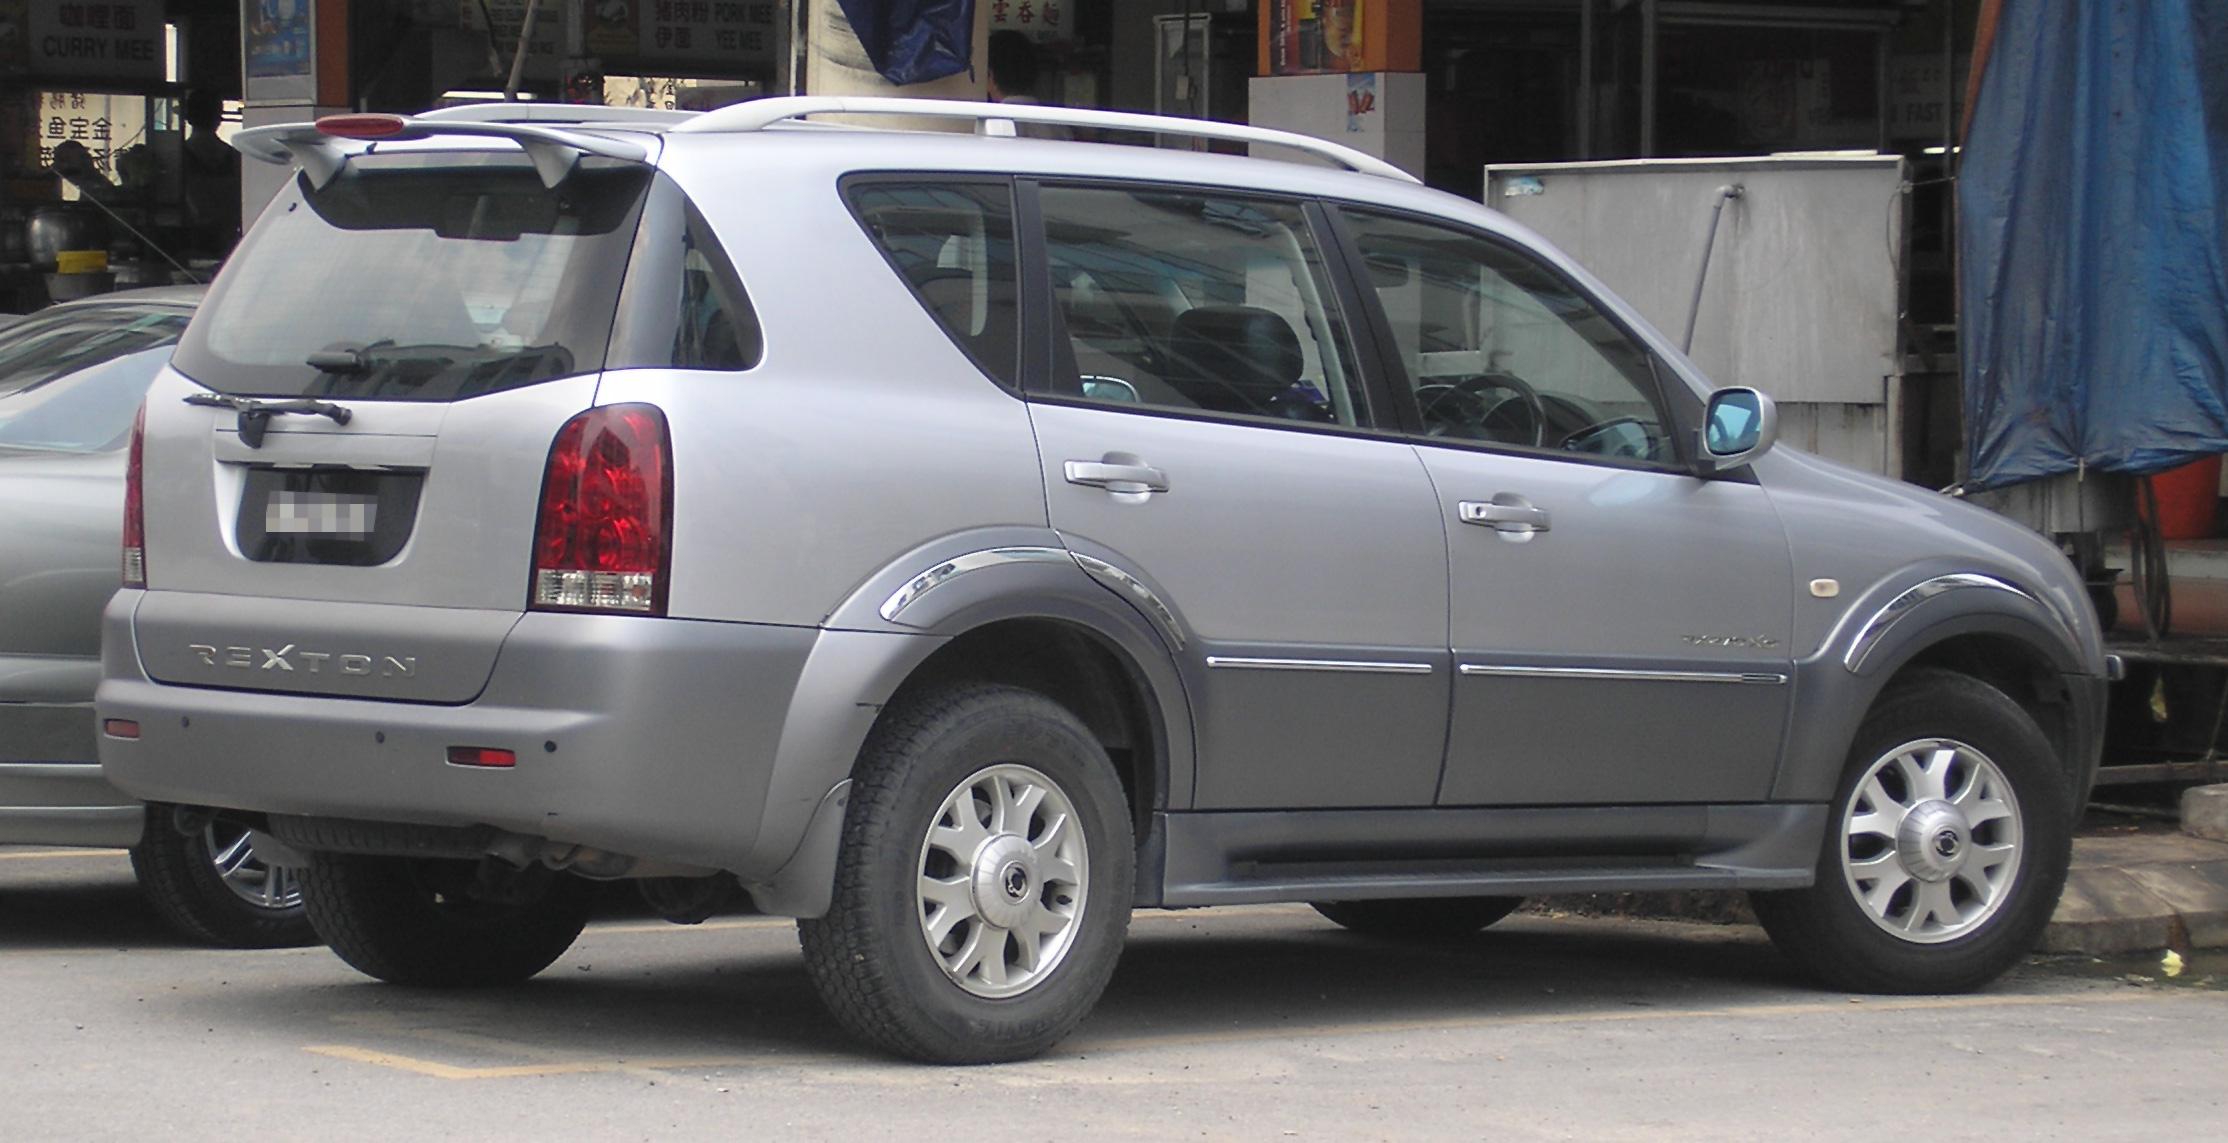 Fiche technique Daewoo Rexton de 2002 à 2004